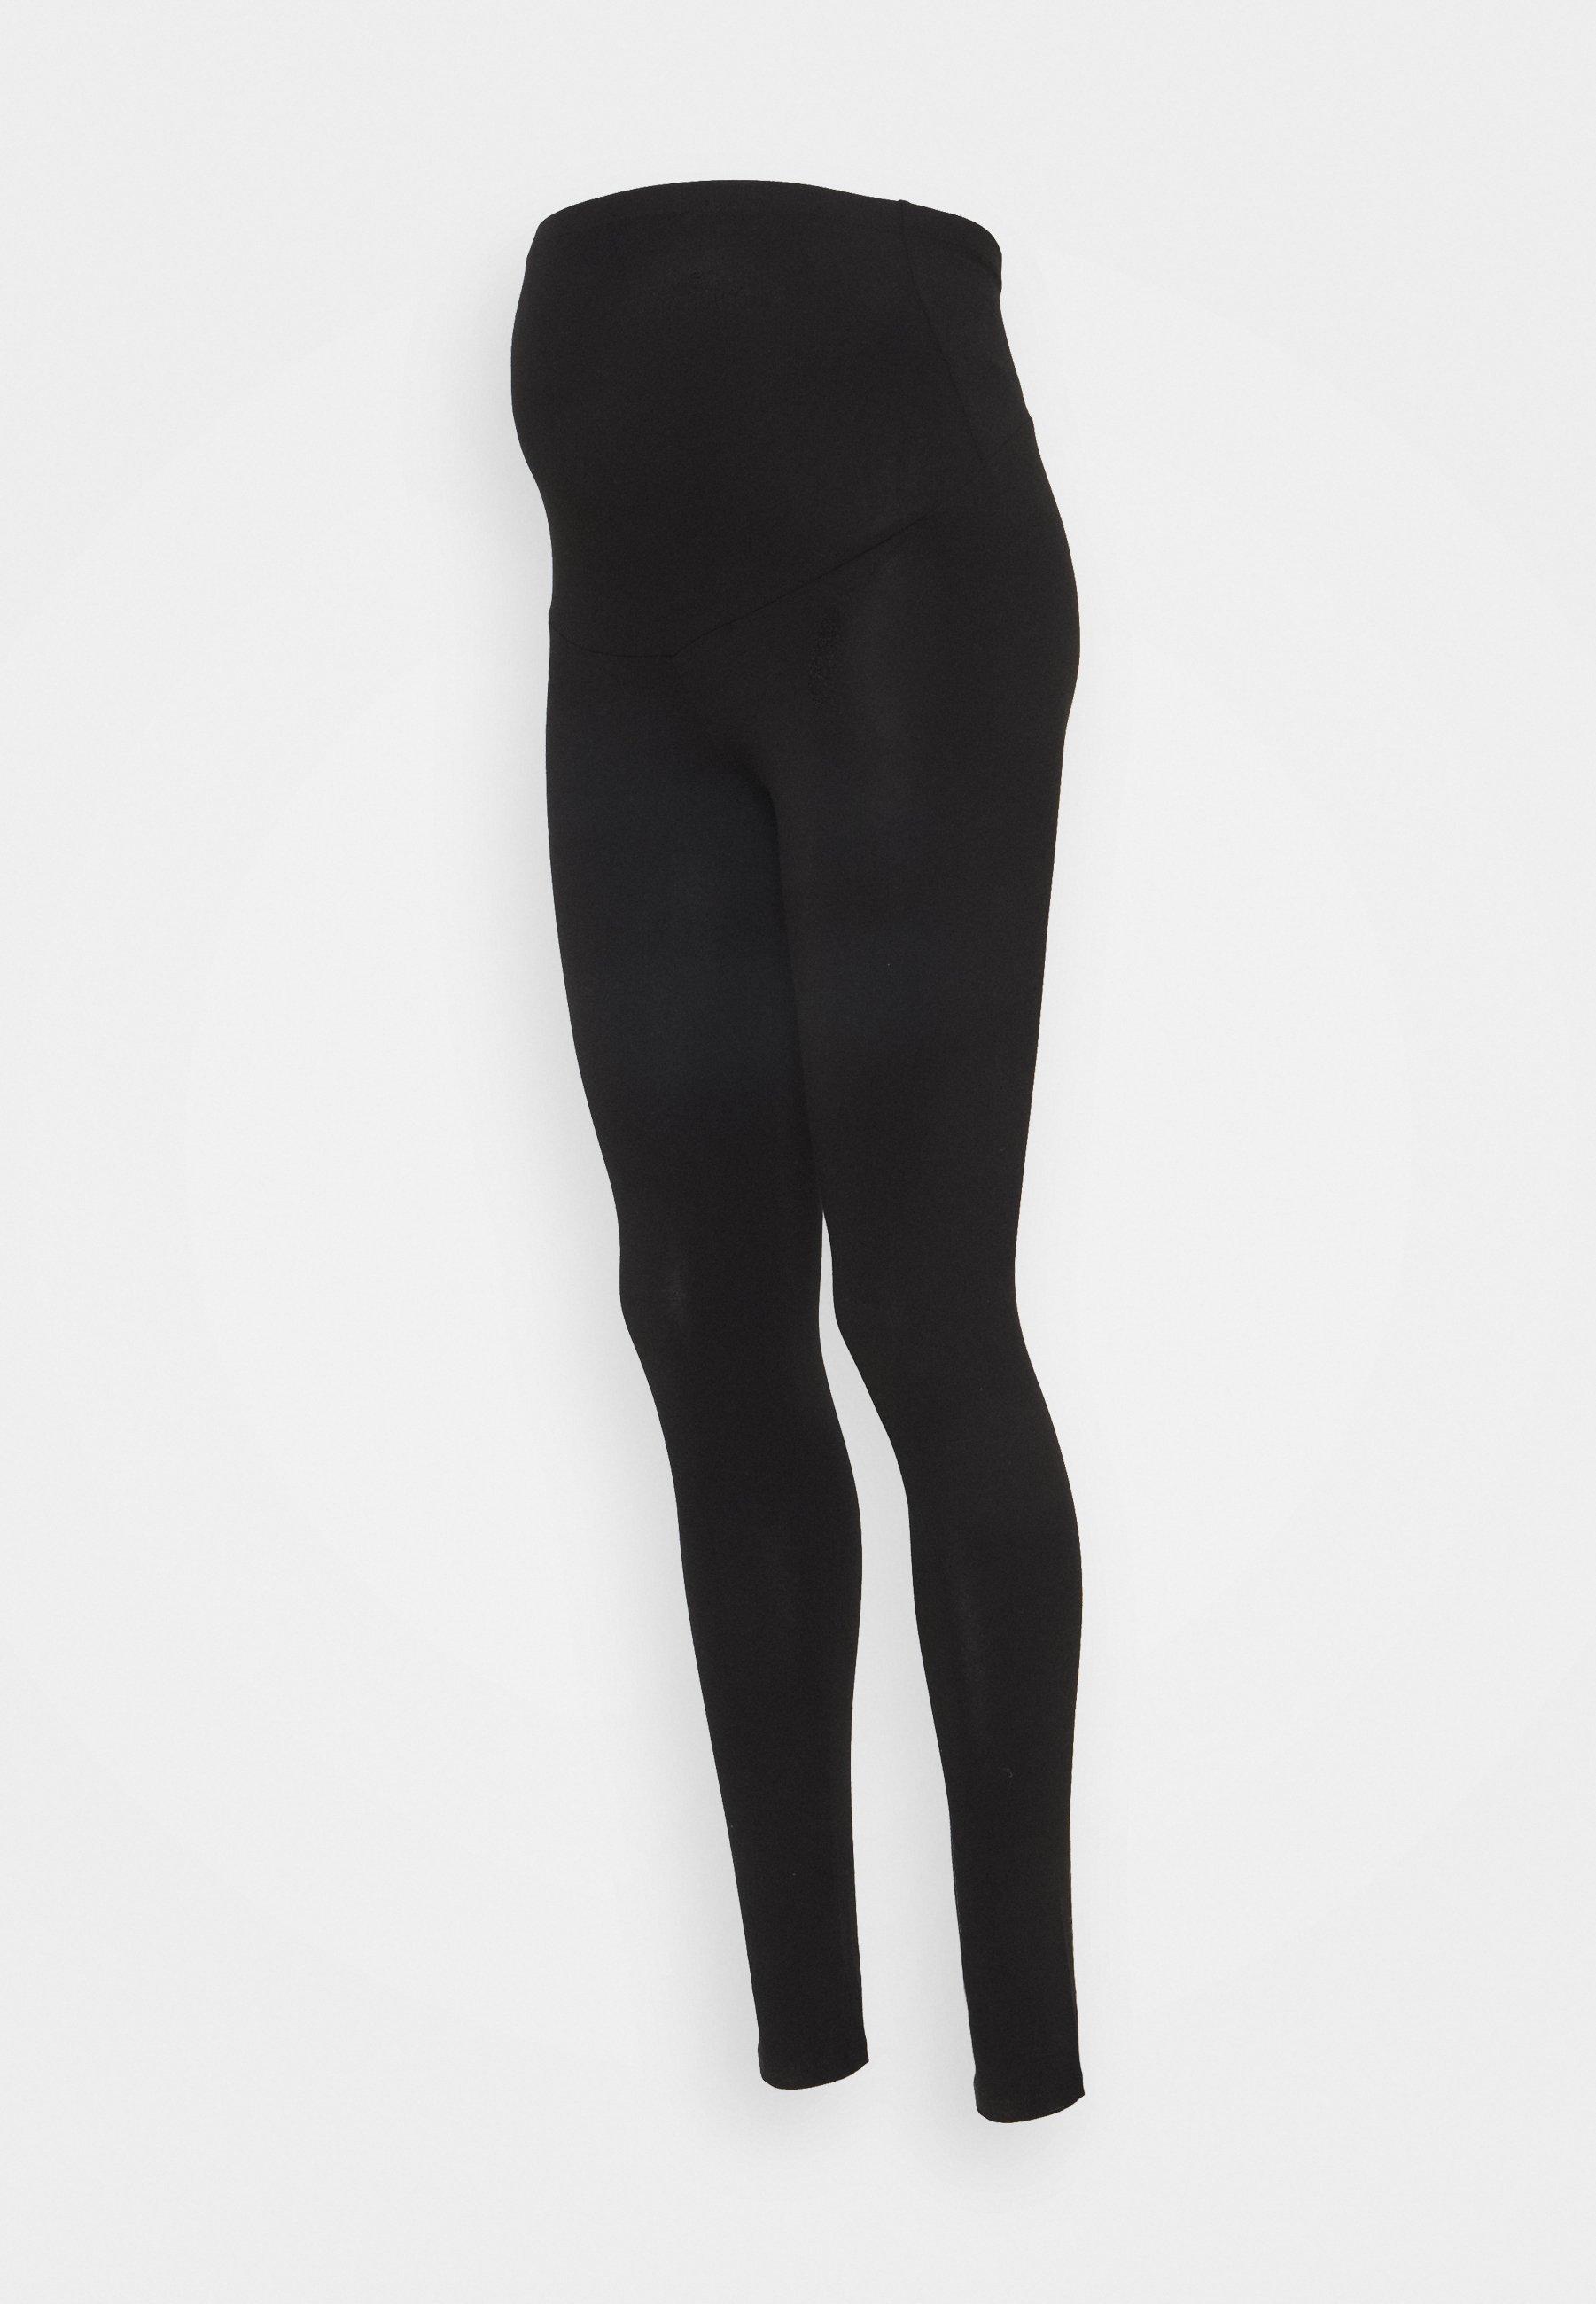 Damen OLMLOVELY LIFE 2 PACK - Leggings - Hosen